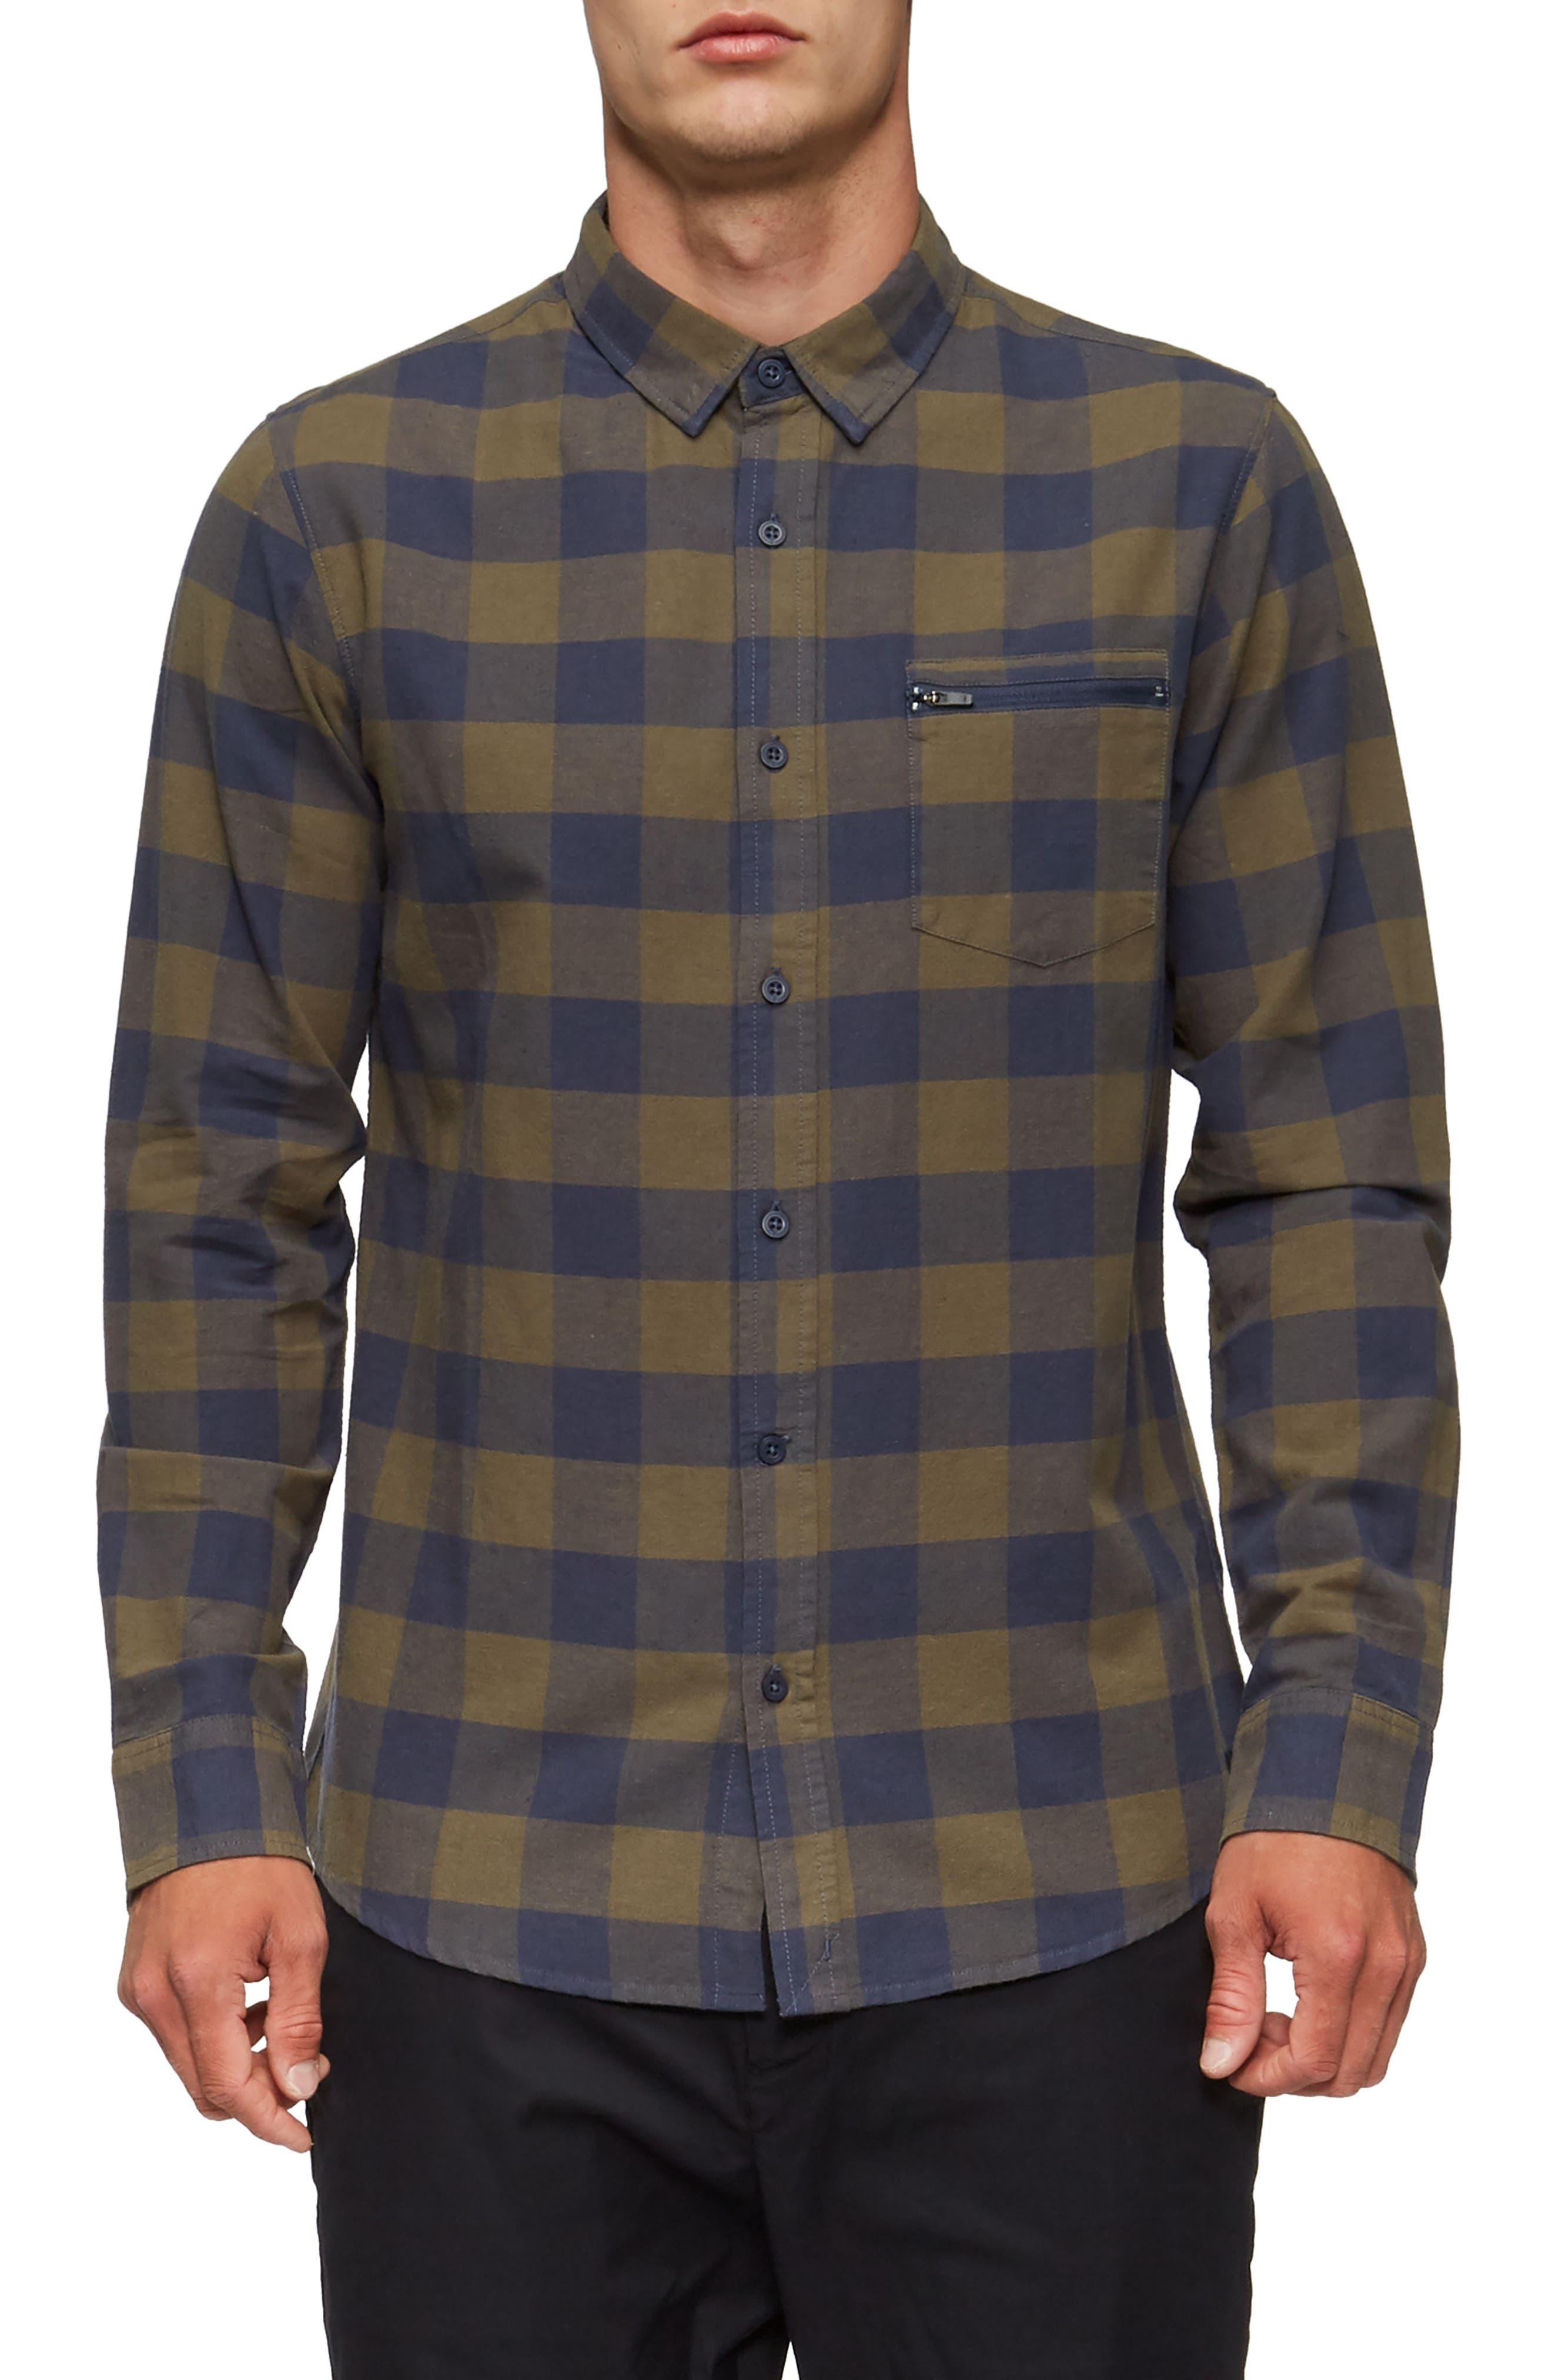 Cohen Long-Sleeve Shirt,                             Main thumbnail 1, color,                             457